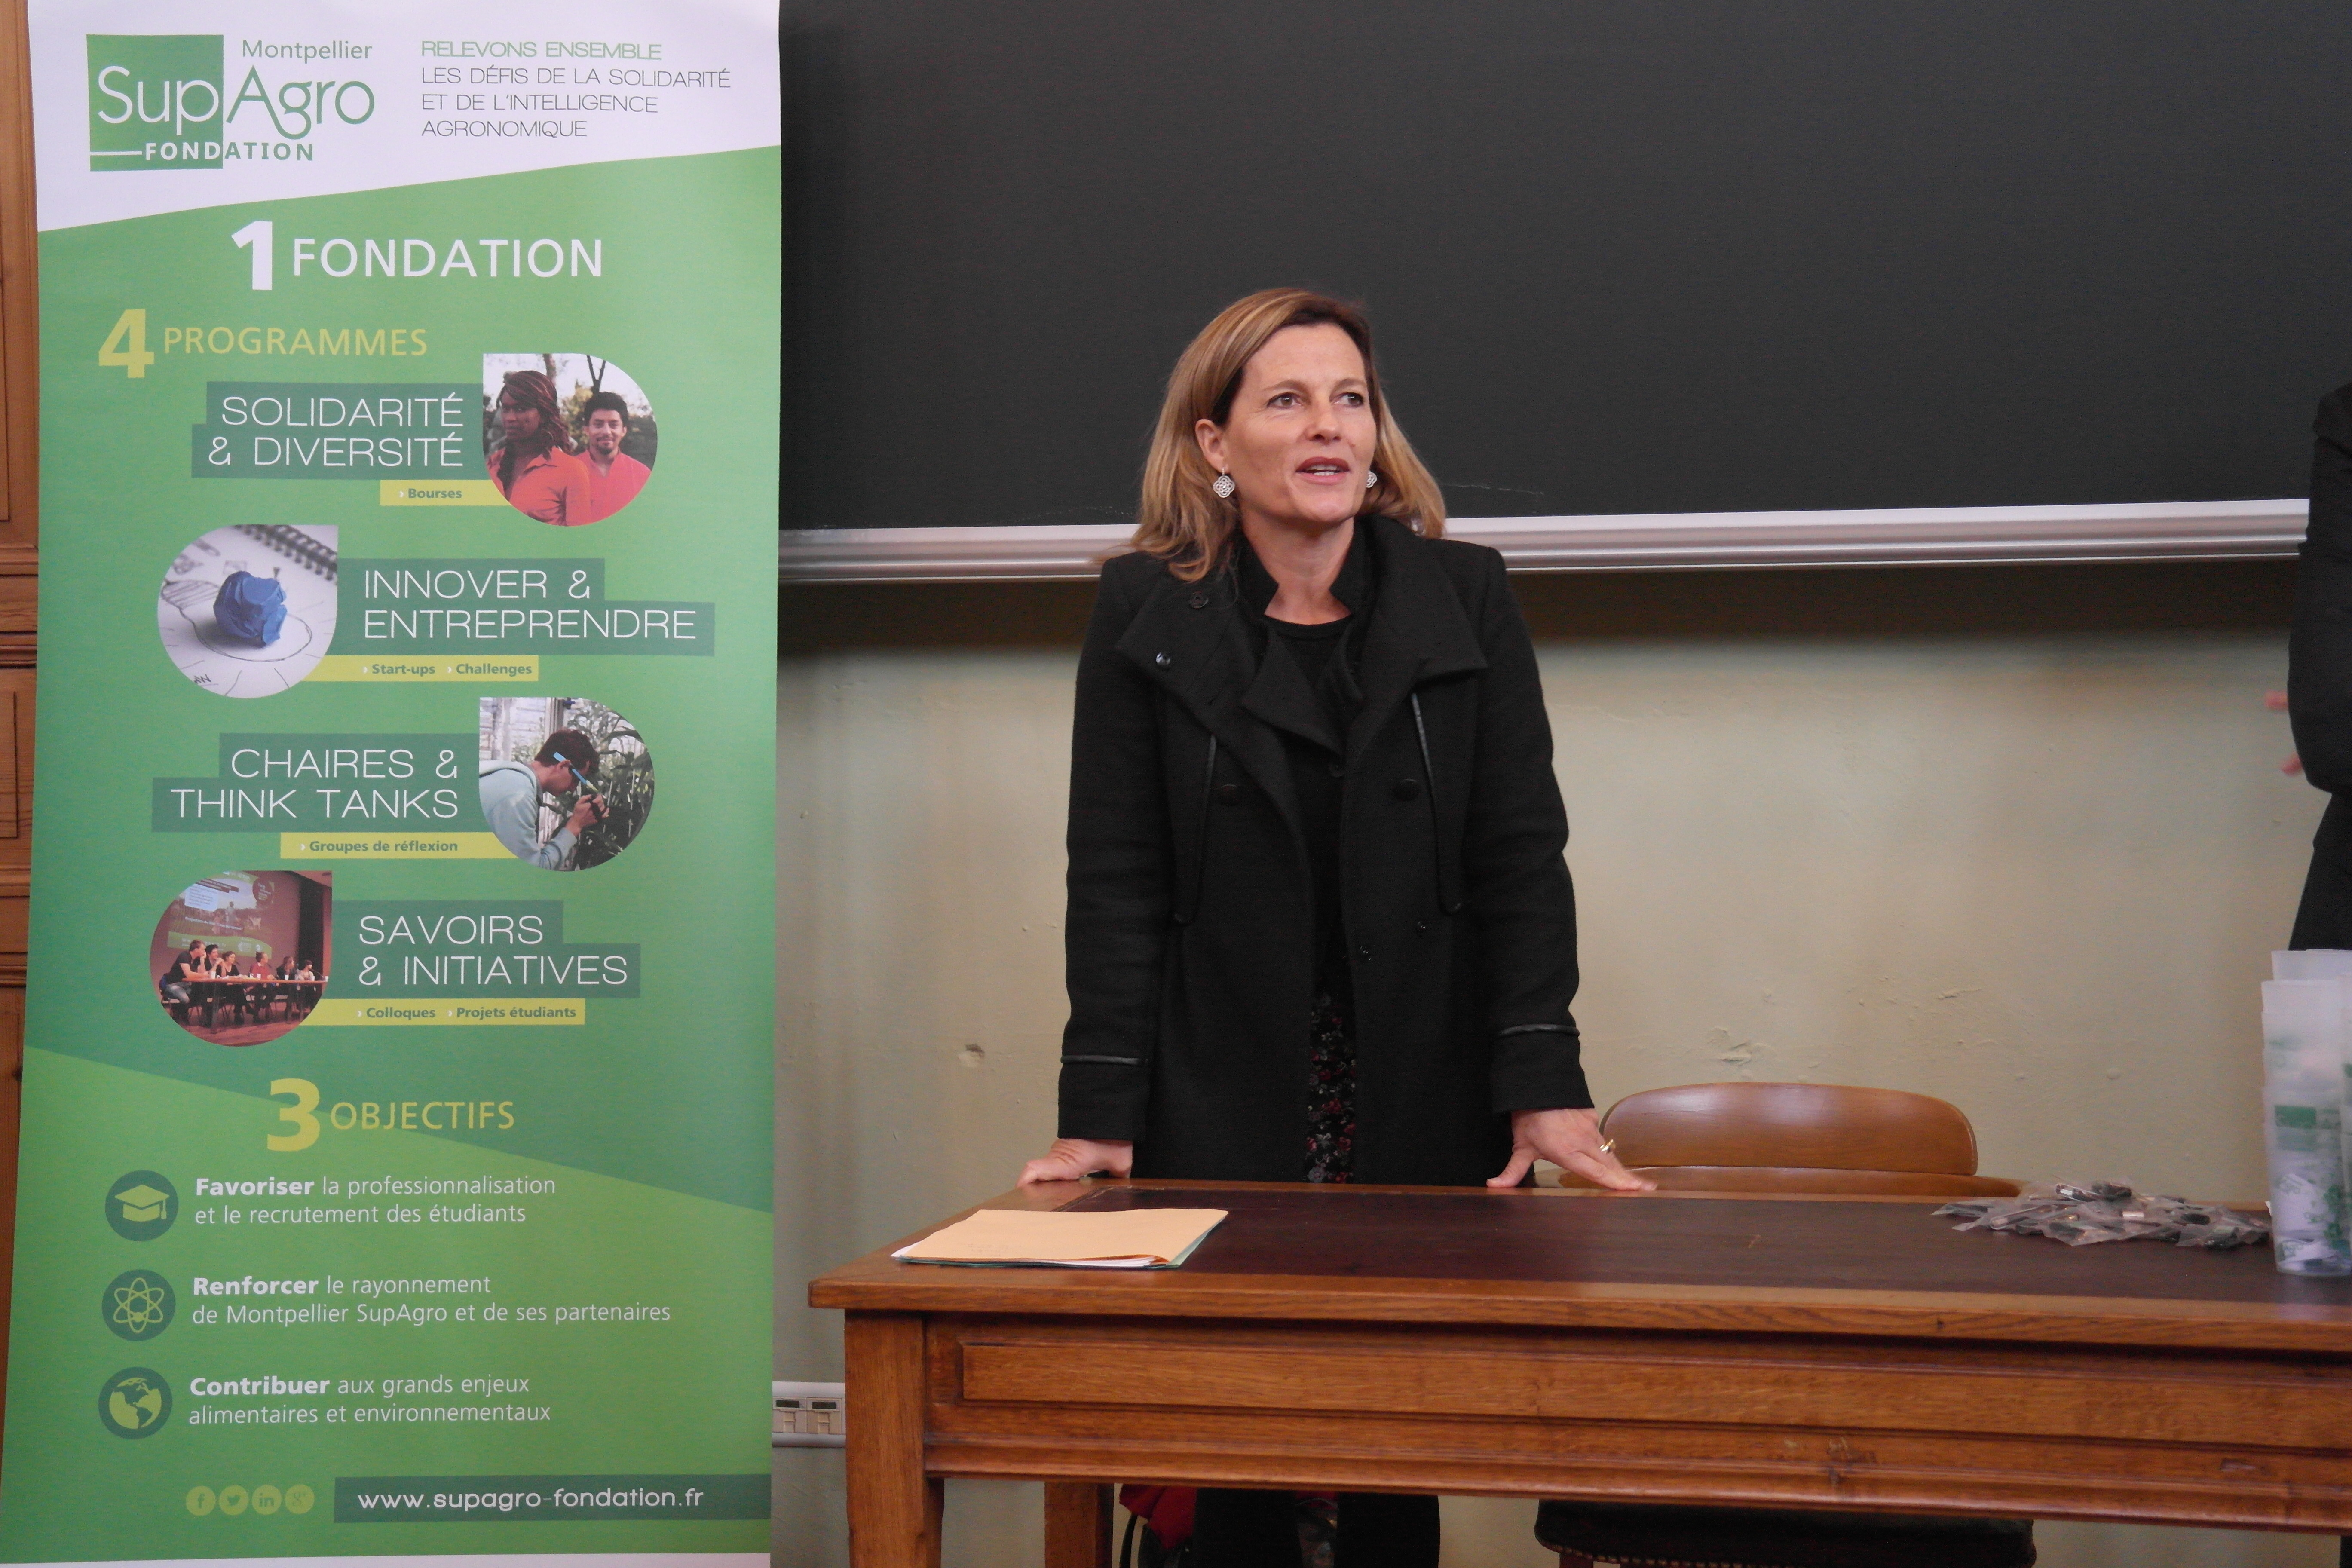 Anne-Lucie WACK, Directrice générale de Montpellier SupAgro rappelant l'engagement de l'établissement dans son ouverture sociale et internationale